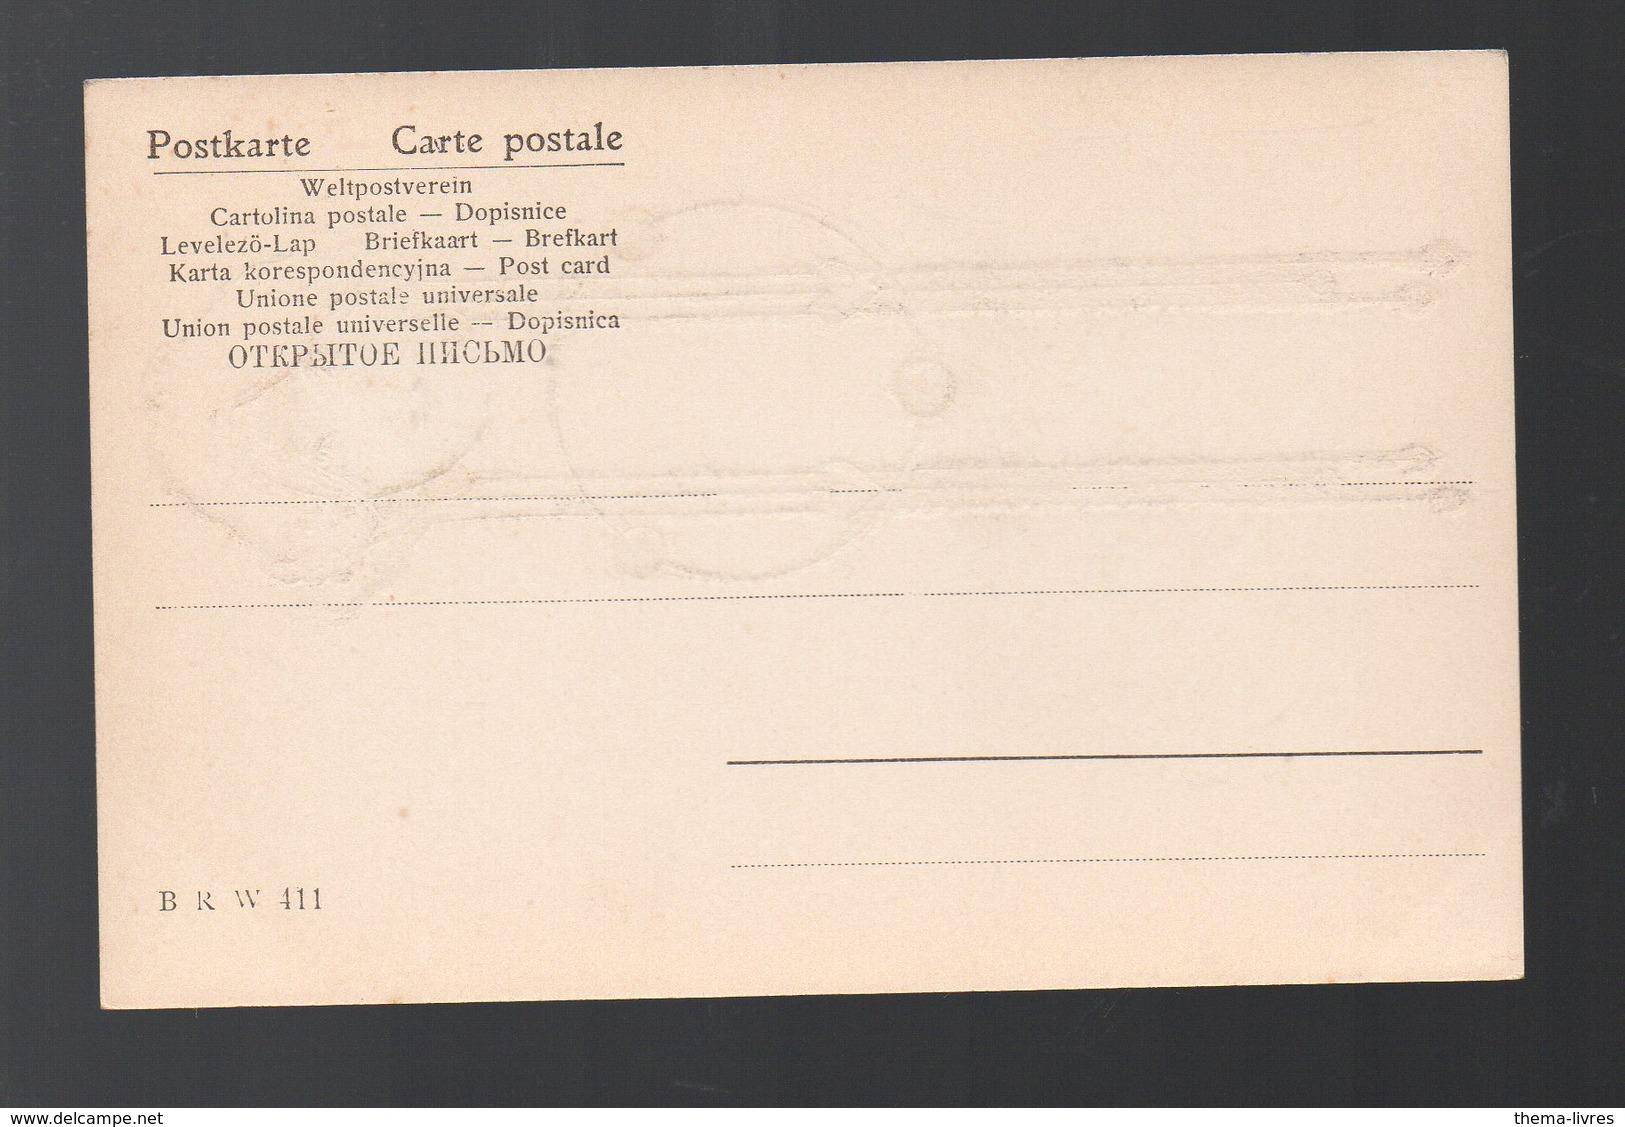 Carte Postale ART NOUVEAU VIENNOIS  (non Signée) BRW411   (PPP19149) - Illustratori & Fotografie